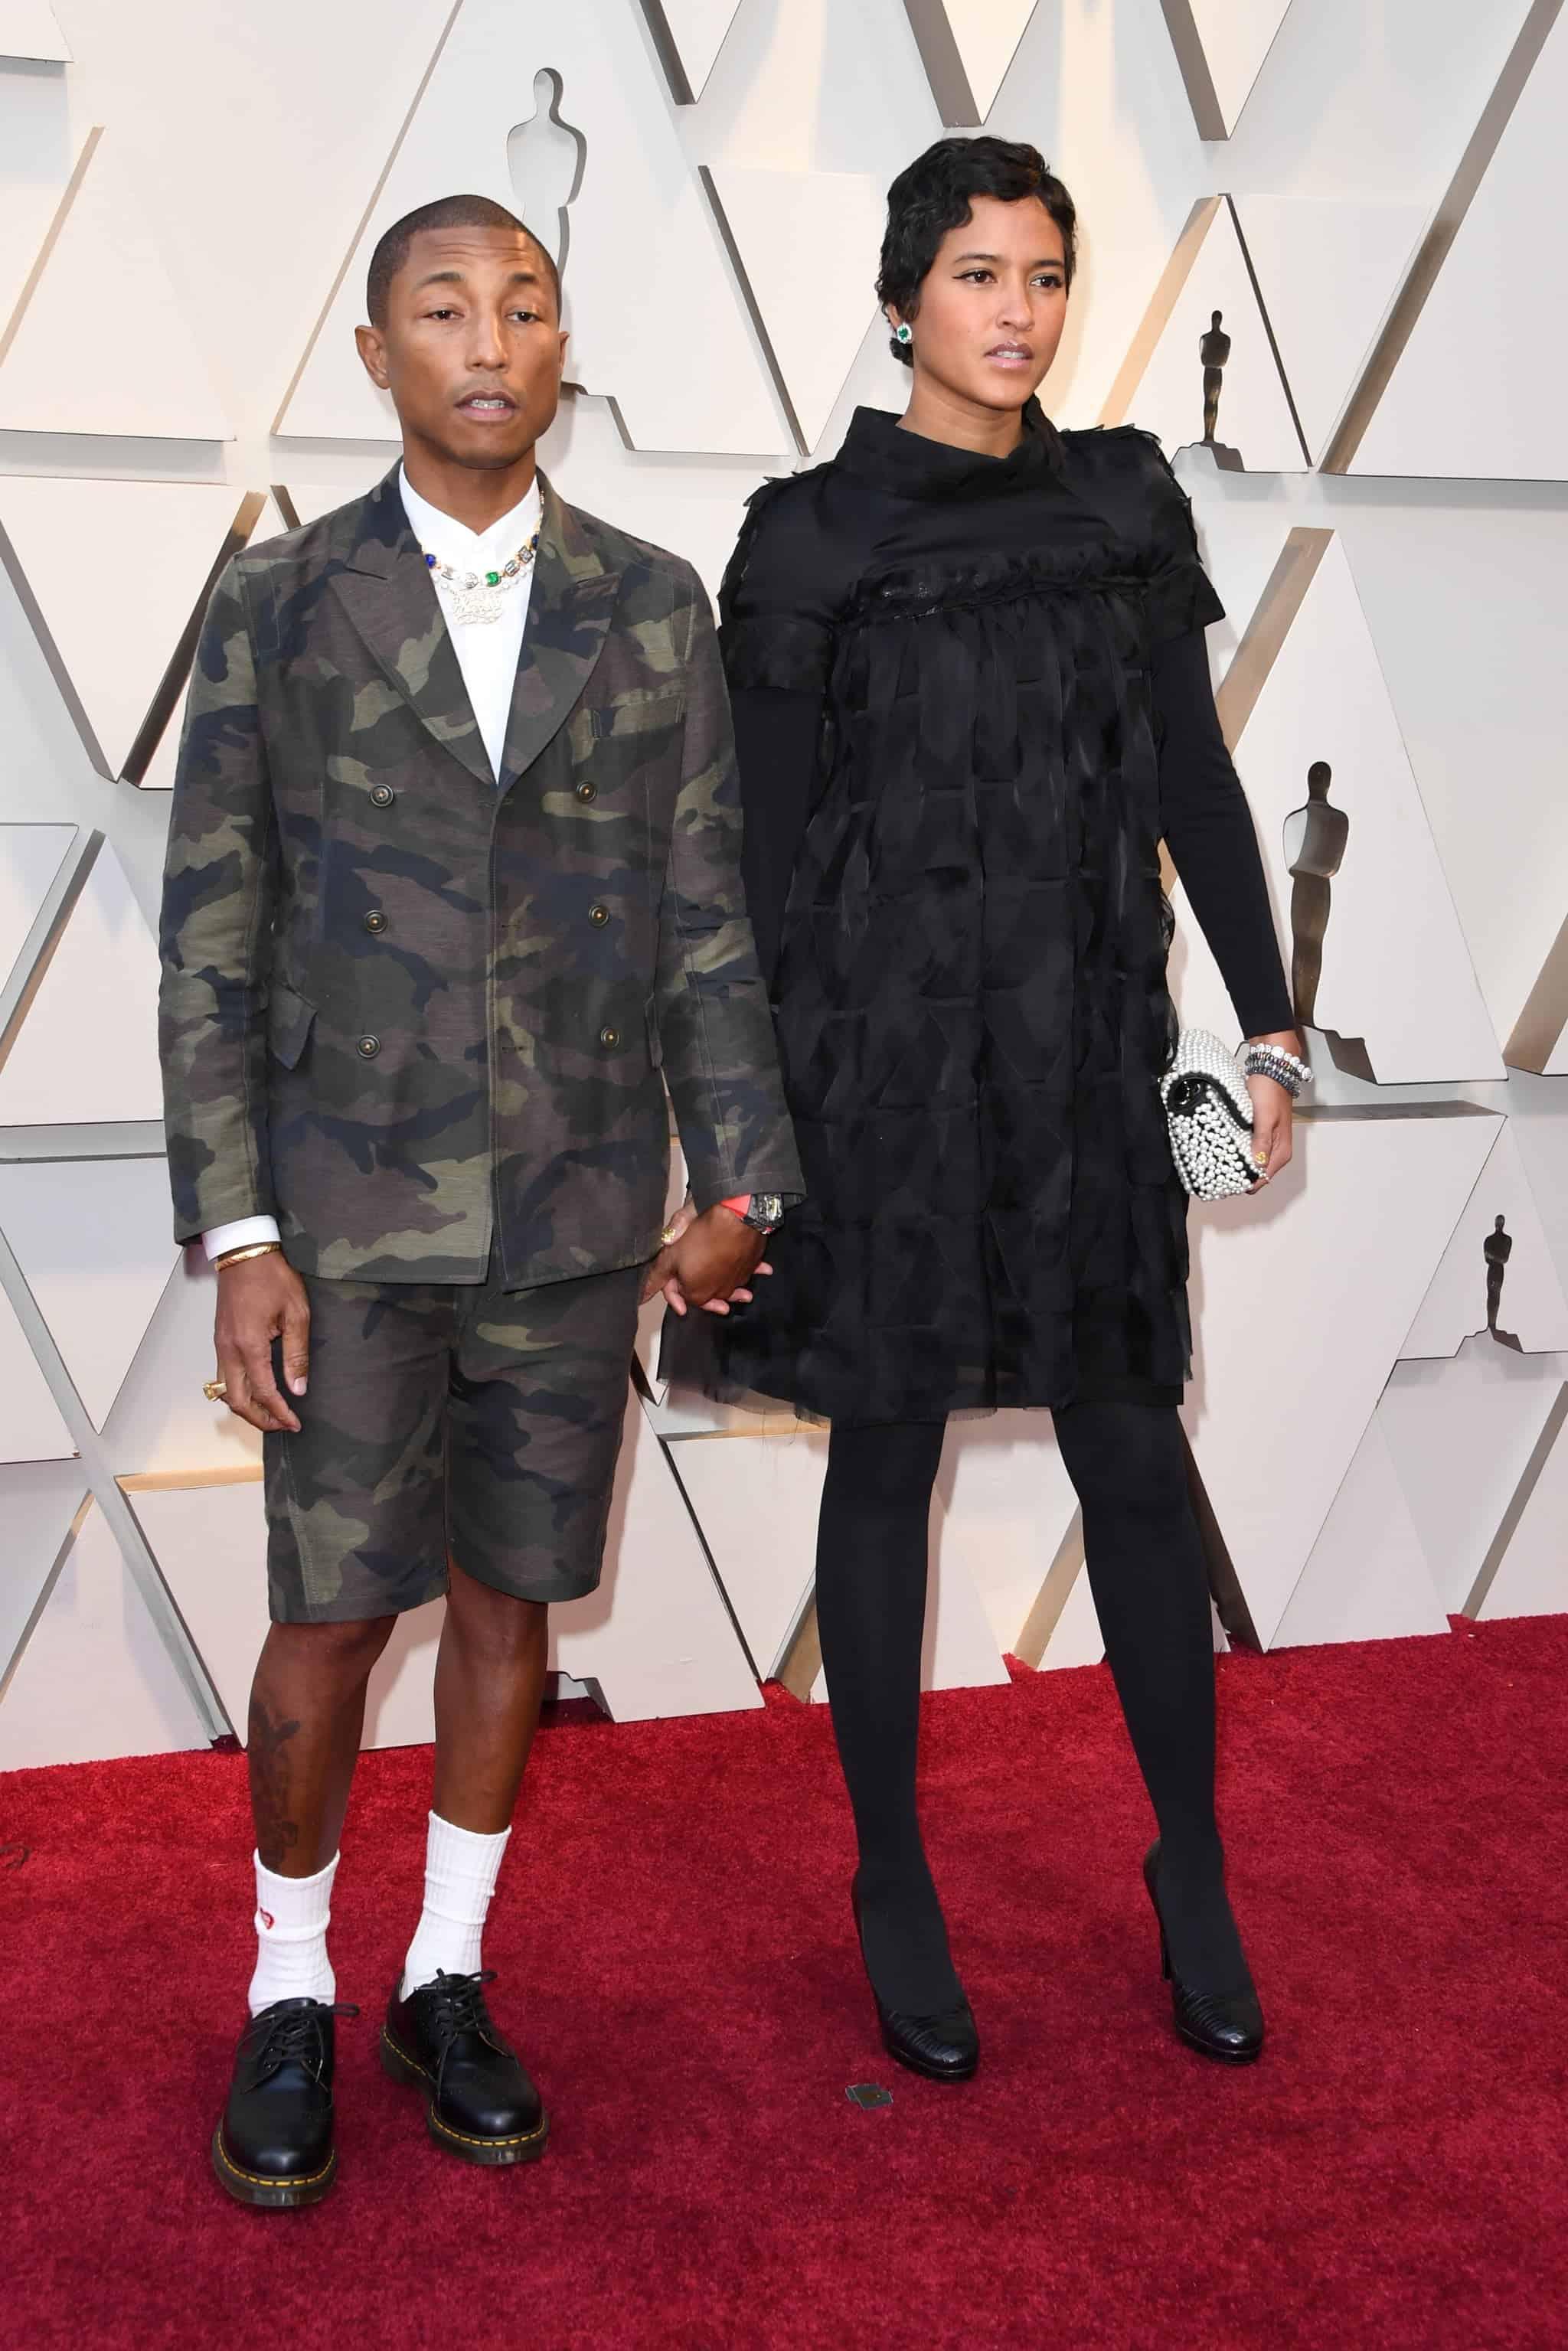 pharrell-williams-oscar-outfit